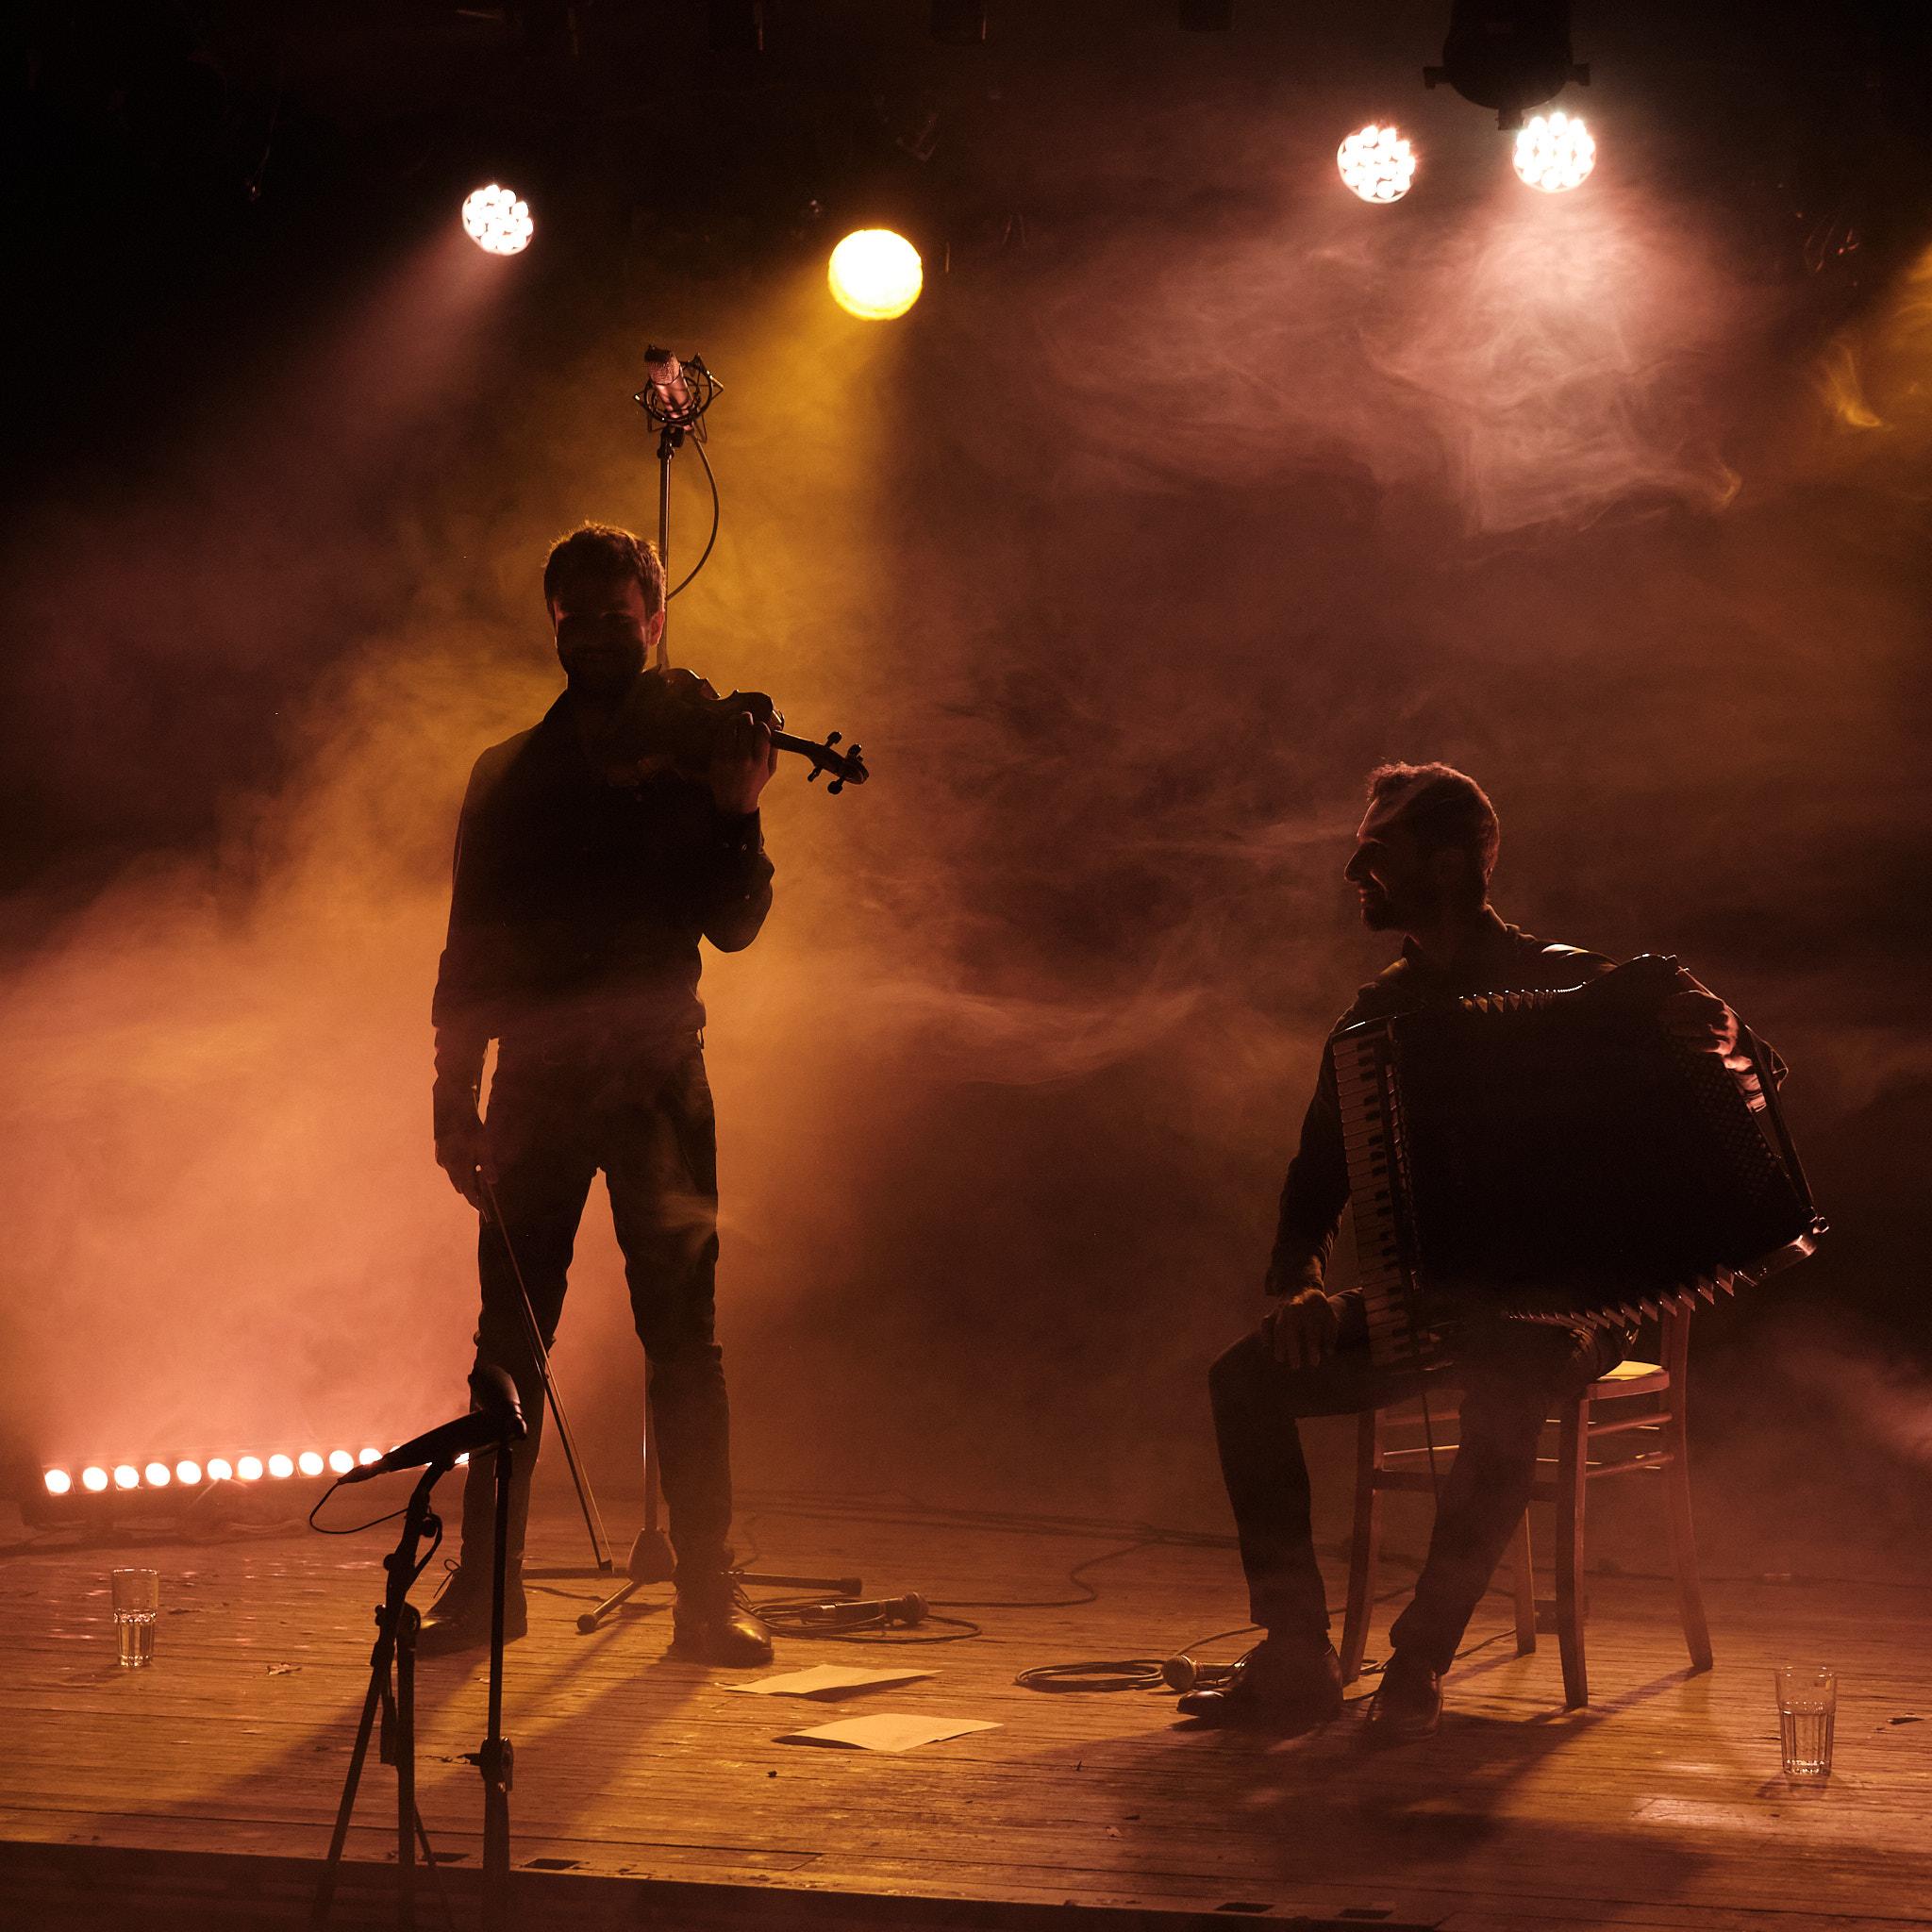 Die Zwei Musiktiere – Matthias Well & Vladislav Cojocaru